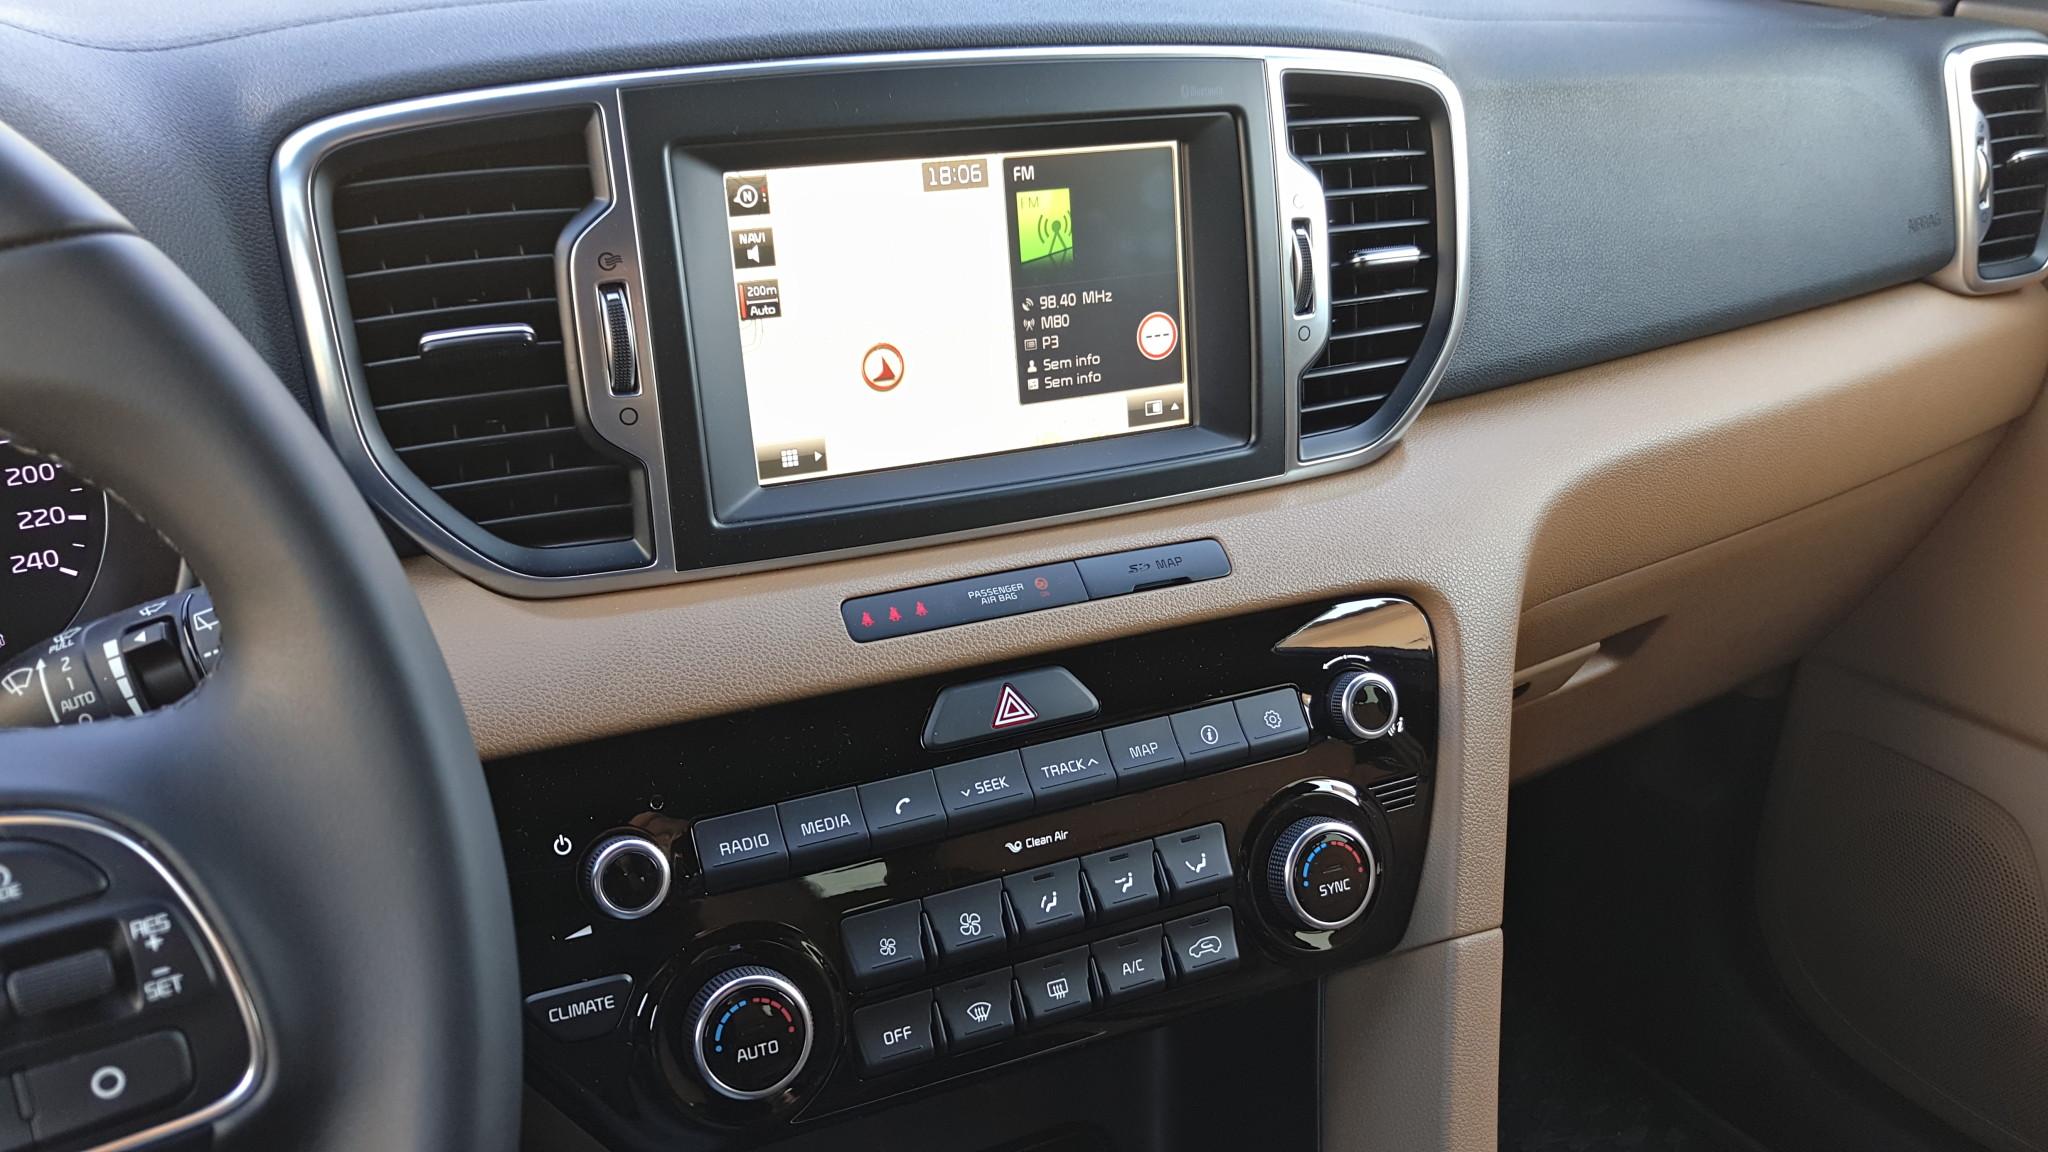 Kia Sportage 1.7 CRDi TX Premium do Bito1963 2lu6oty